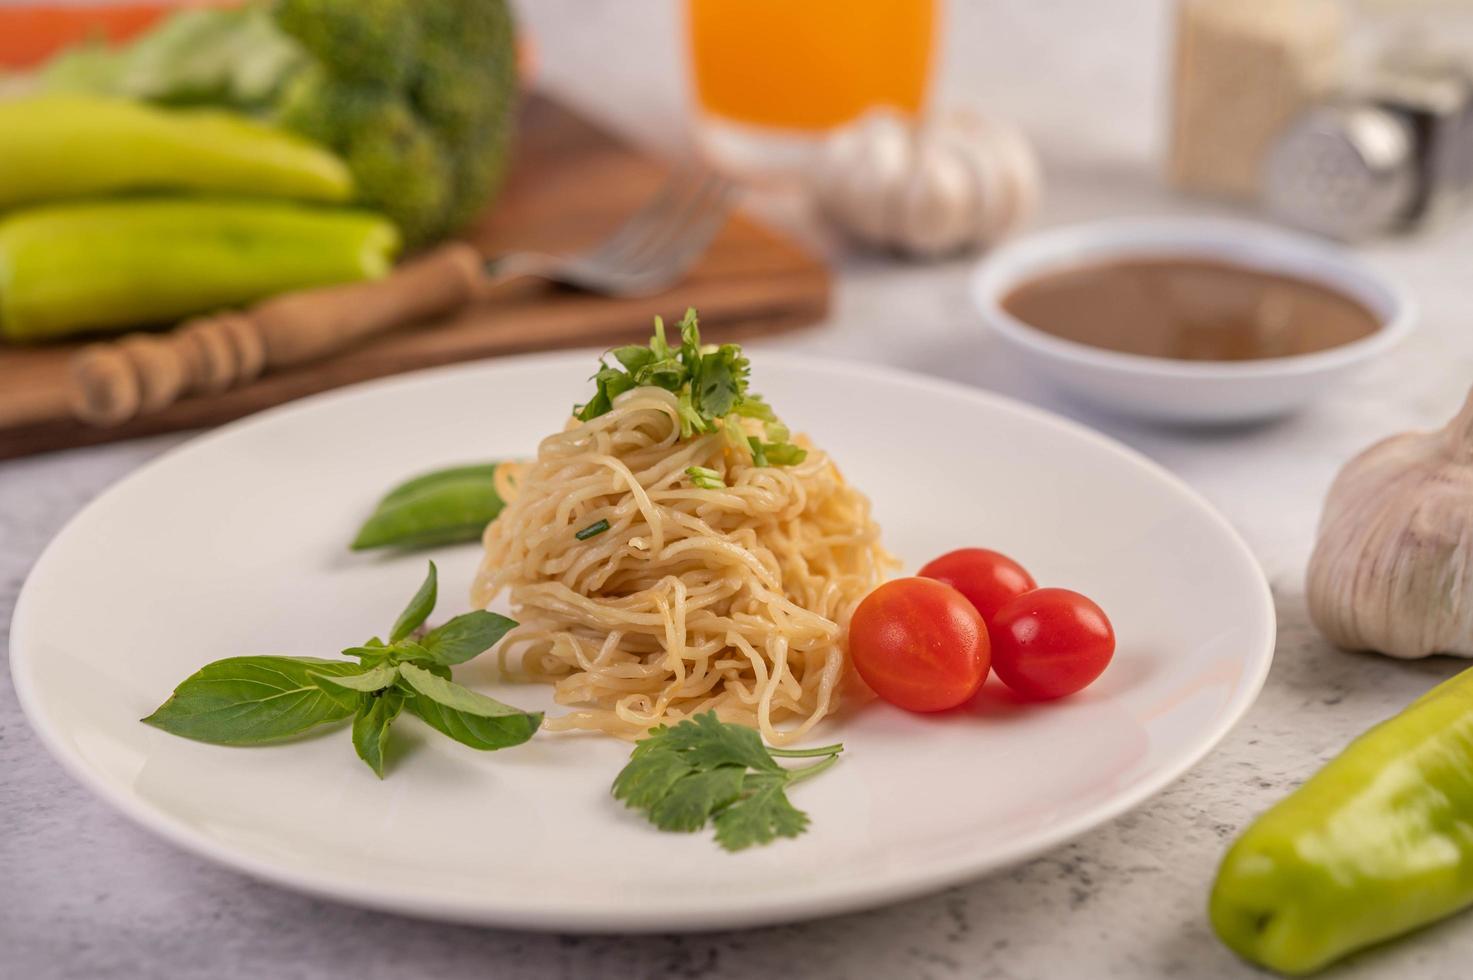 espaguetis con tomate, cilantro y albahaca foto